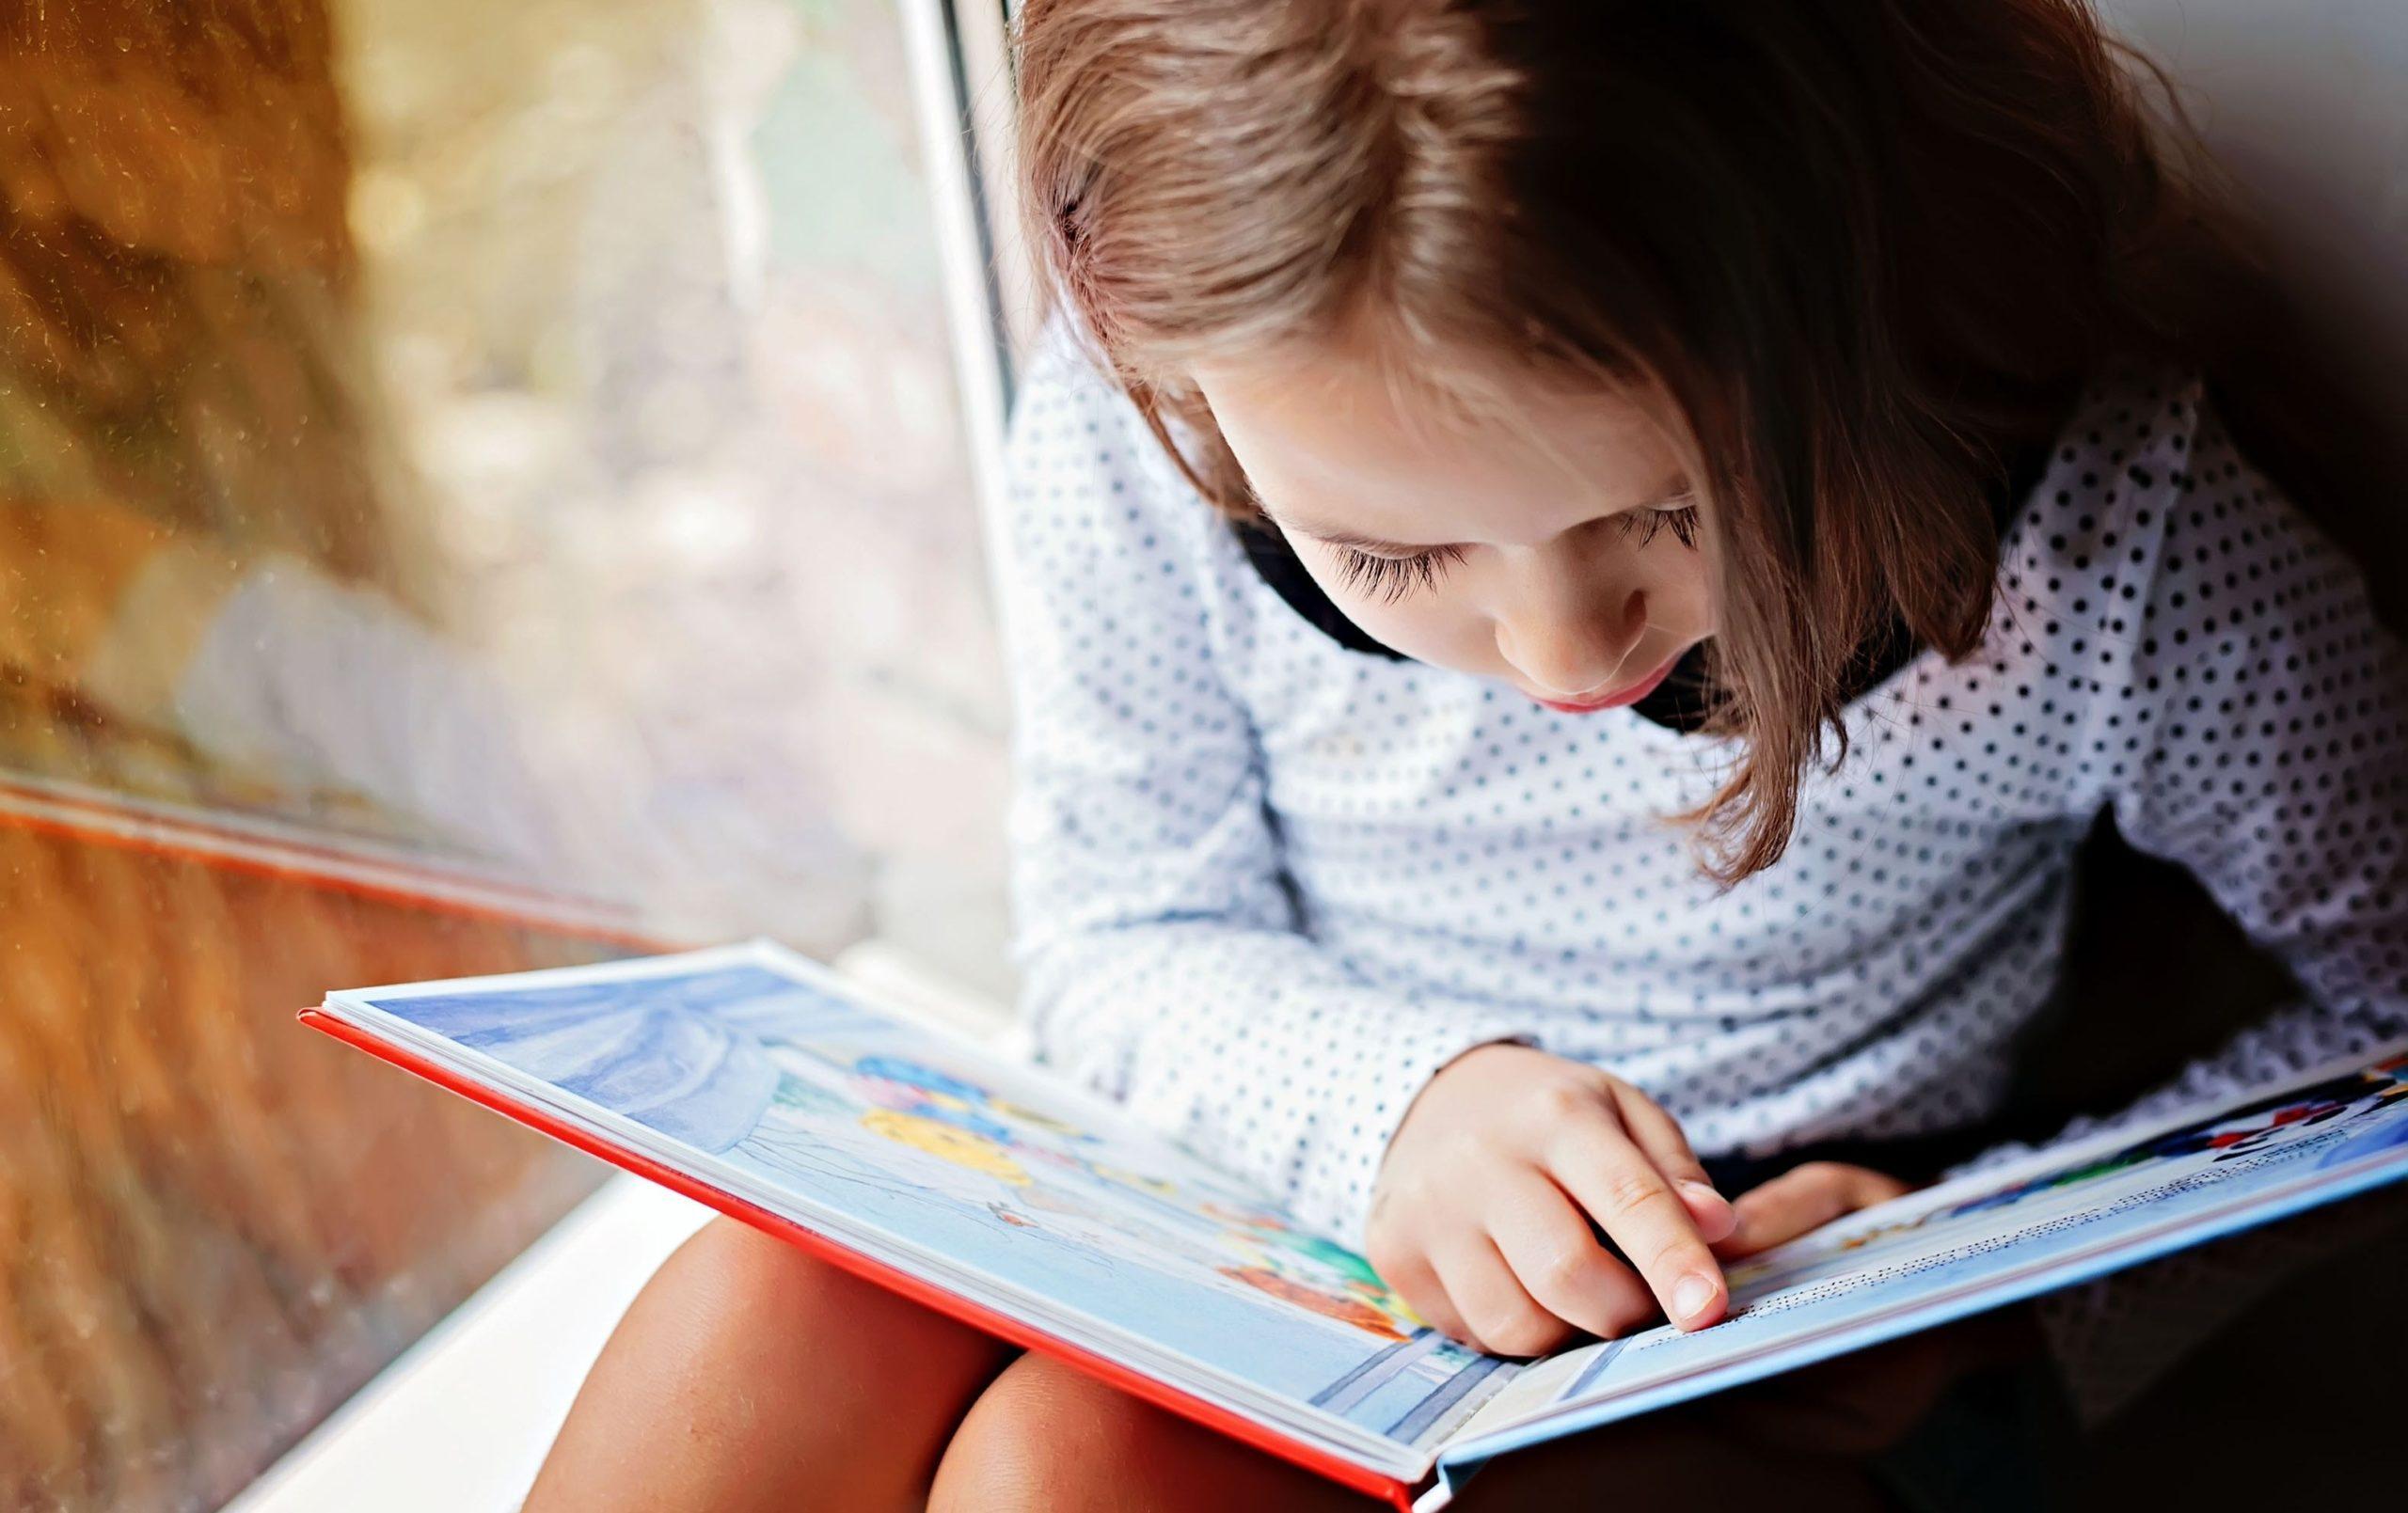 Dislexia: condición que afecta a niños y adultos